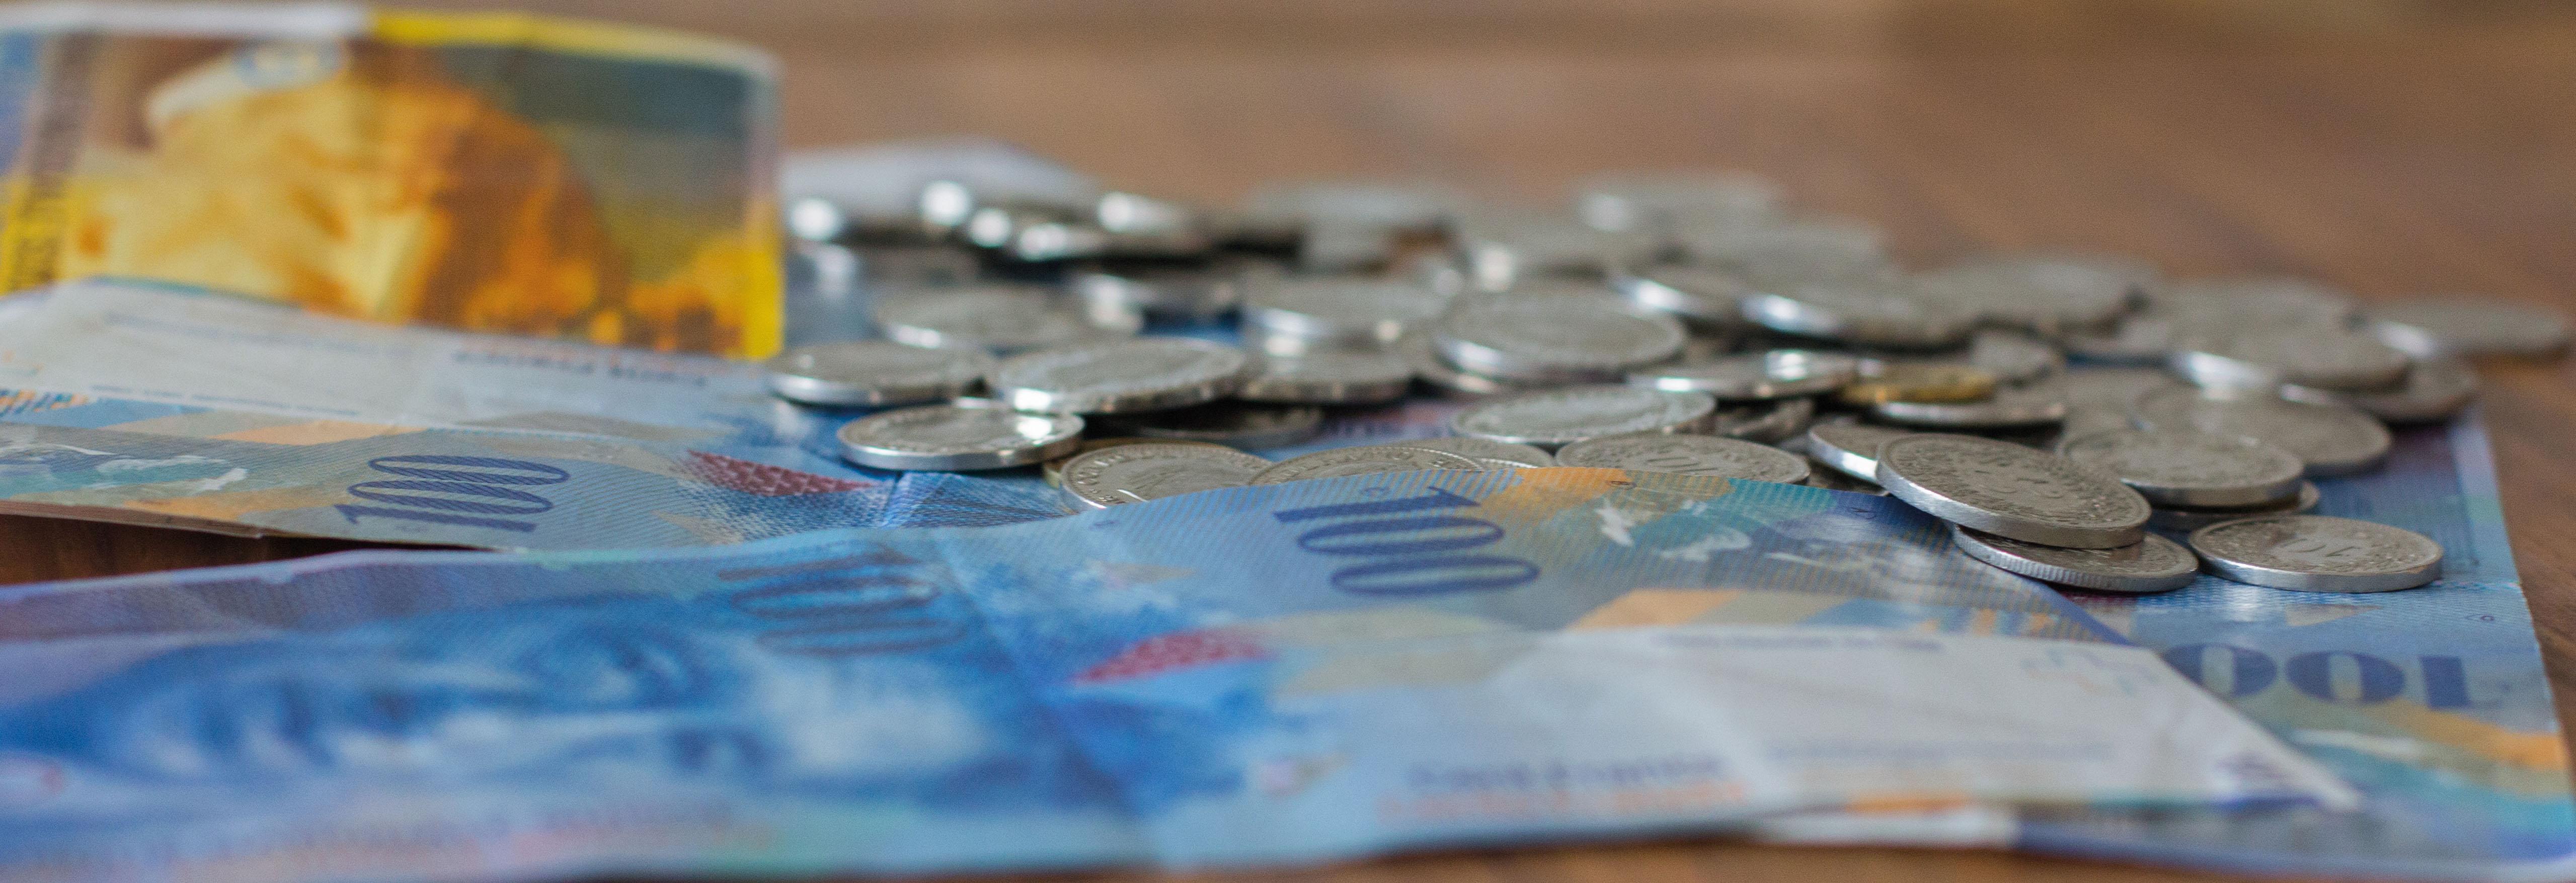 Geld – ein Tabu? – Bild: Elias Rüegsegger